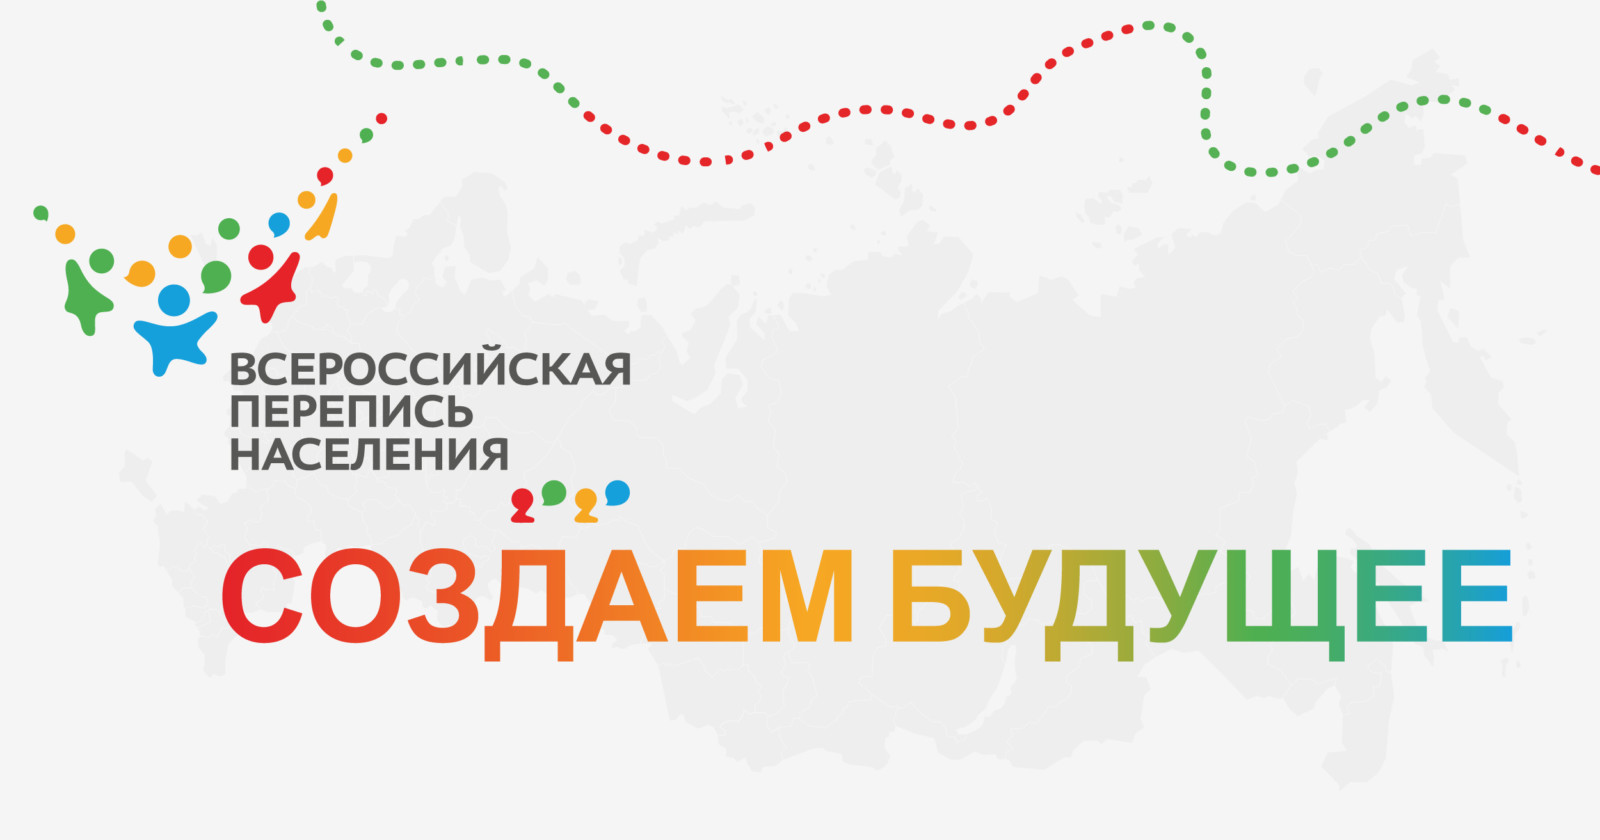 Старт рекламной кампании Всероссийской переписи населения: «СОЗДАЕМ БУДУЩЕЕ»